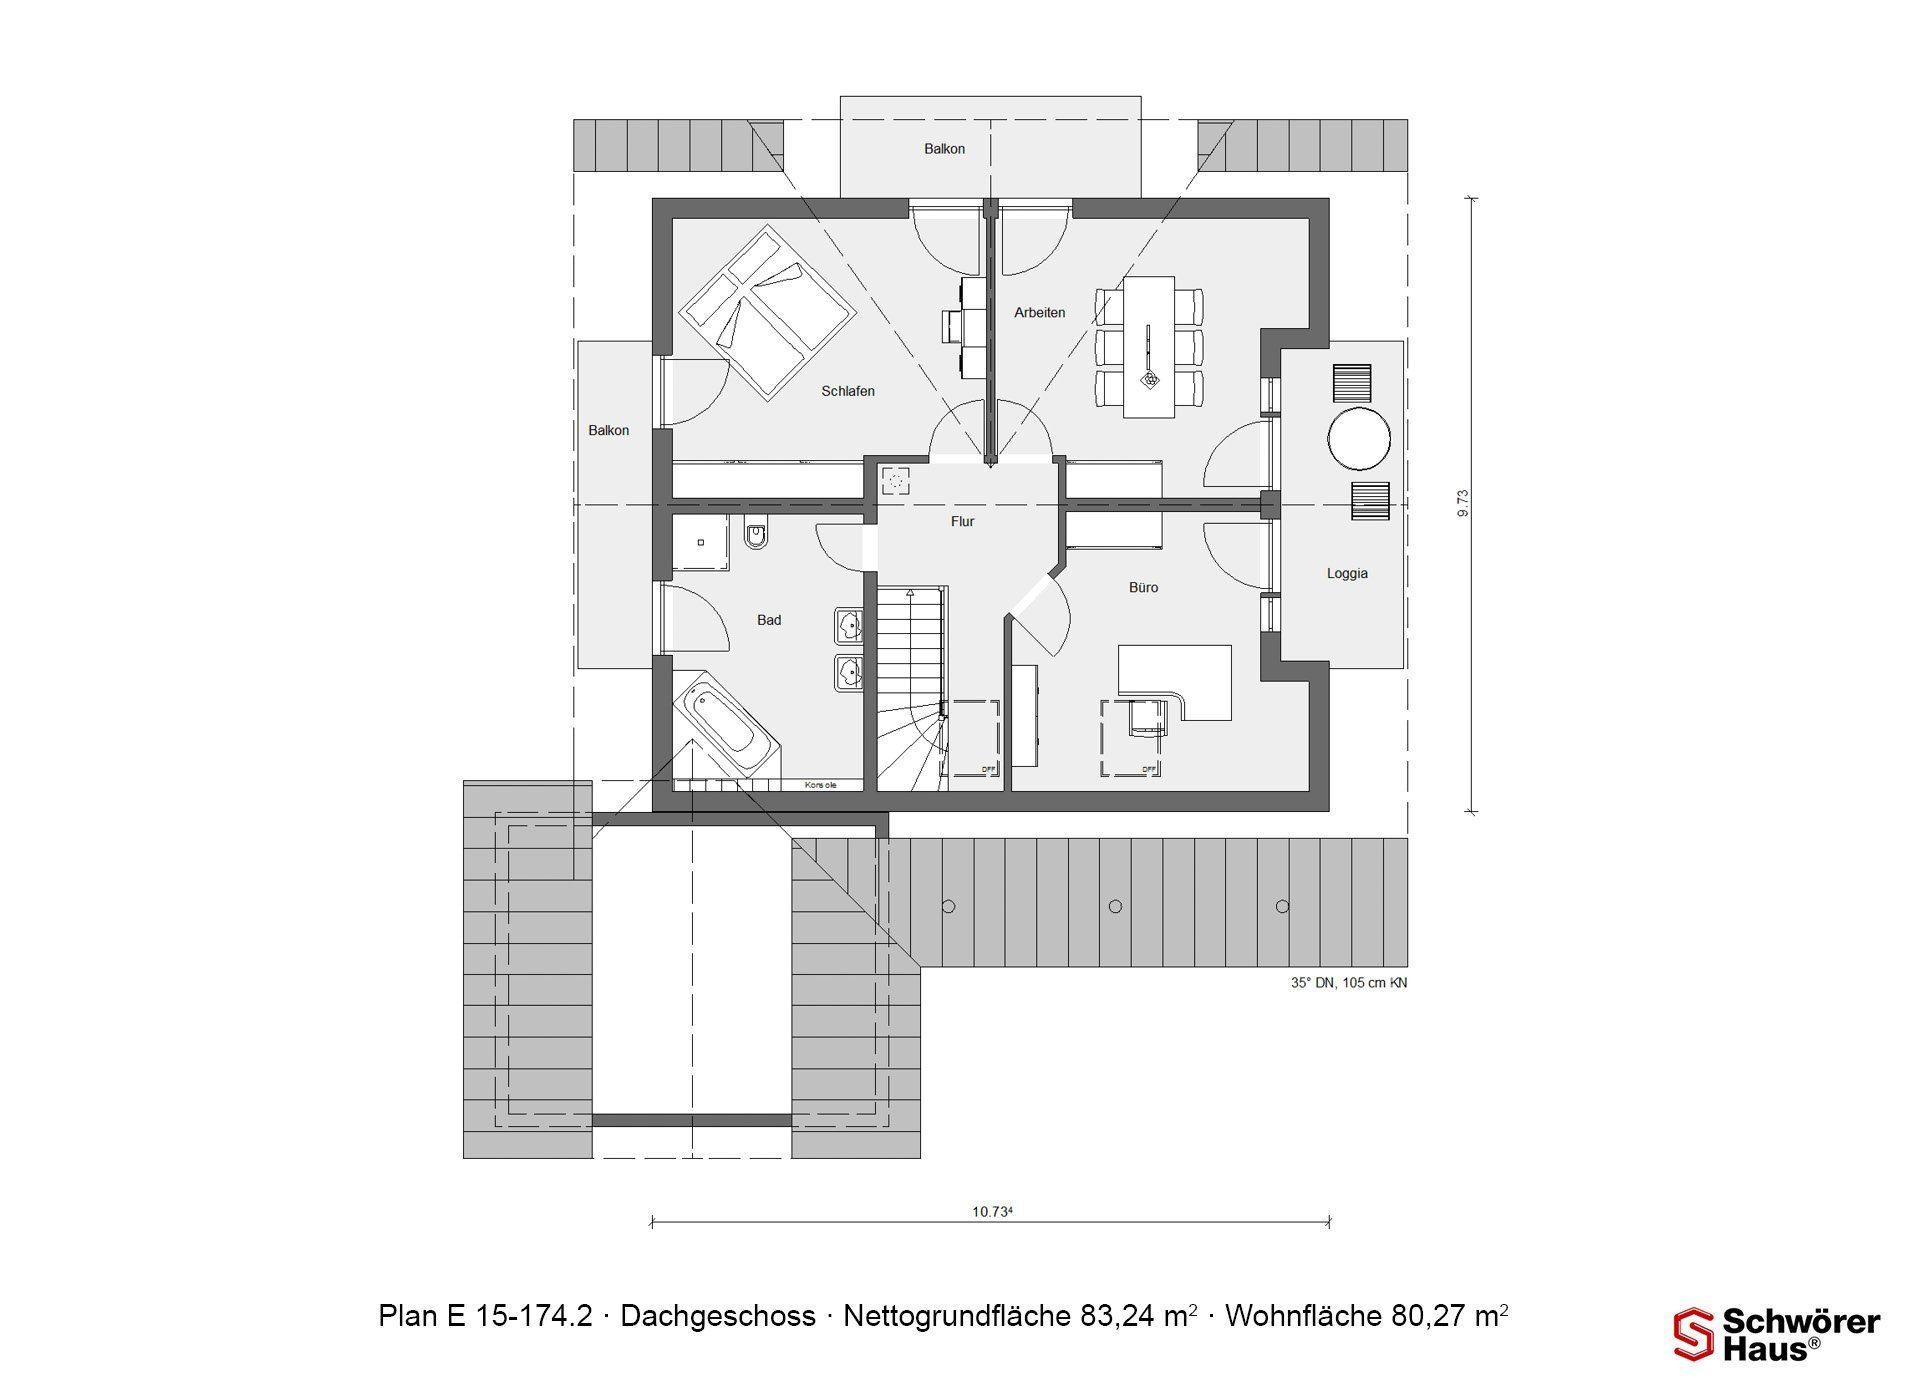 Automatisch gespeicherter Entwurf - Eine Nahaufnahme eines Geräts - Gebäudeplan